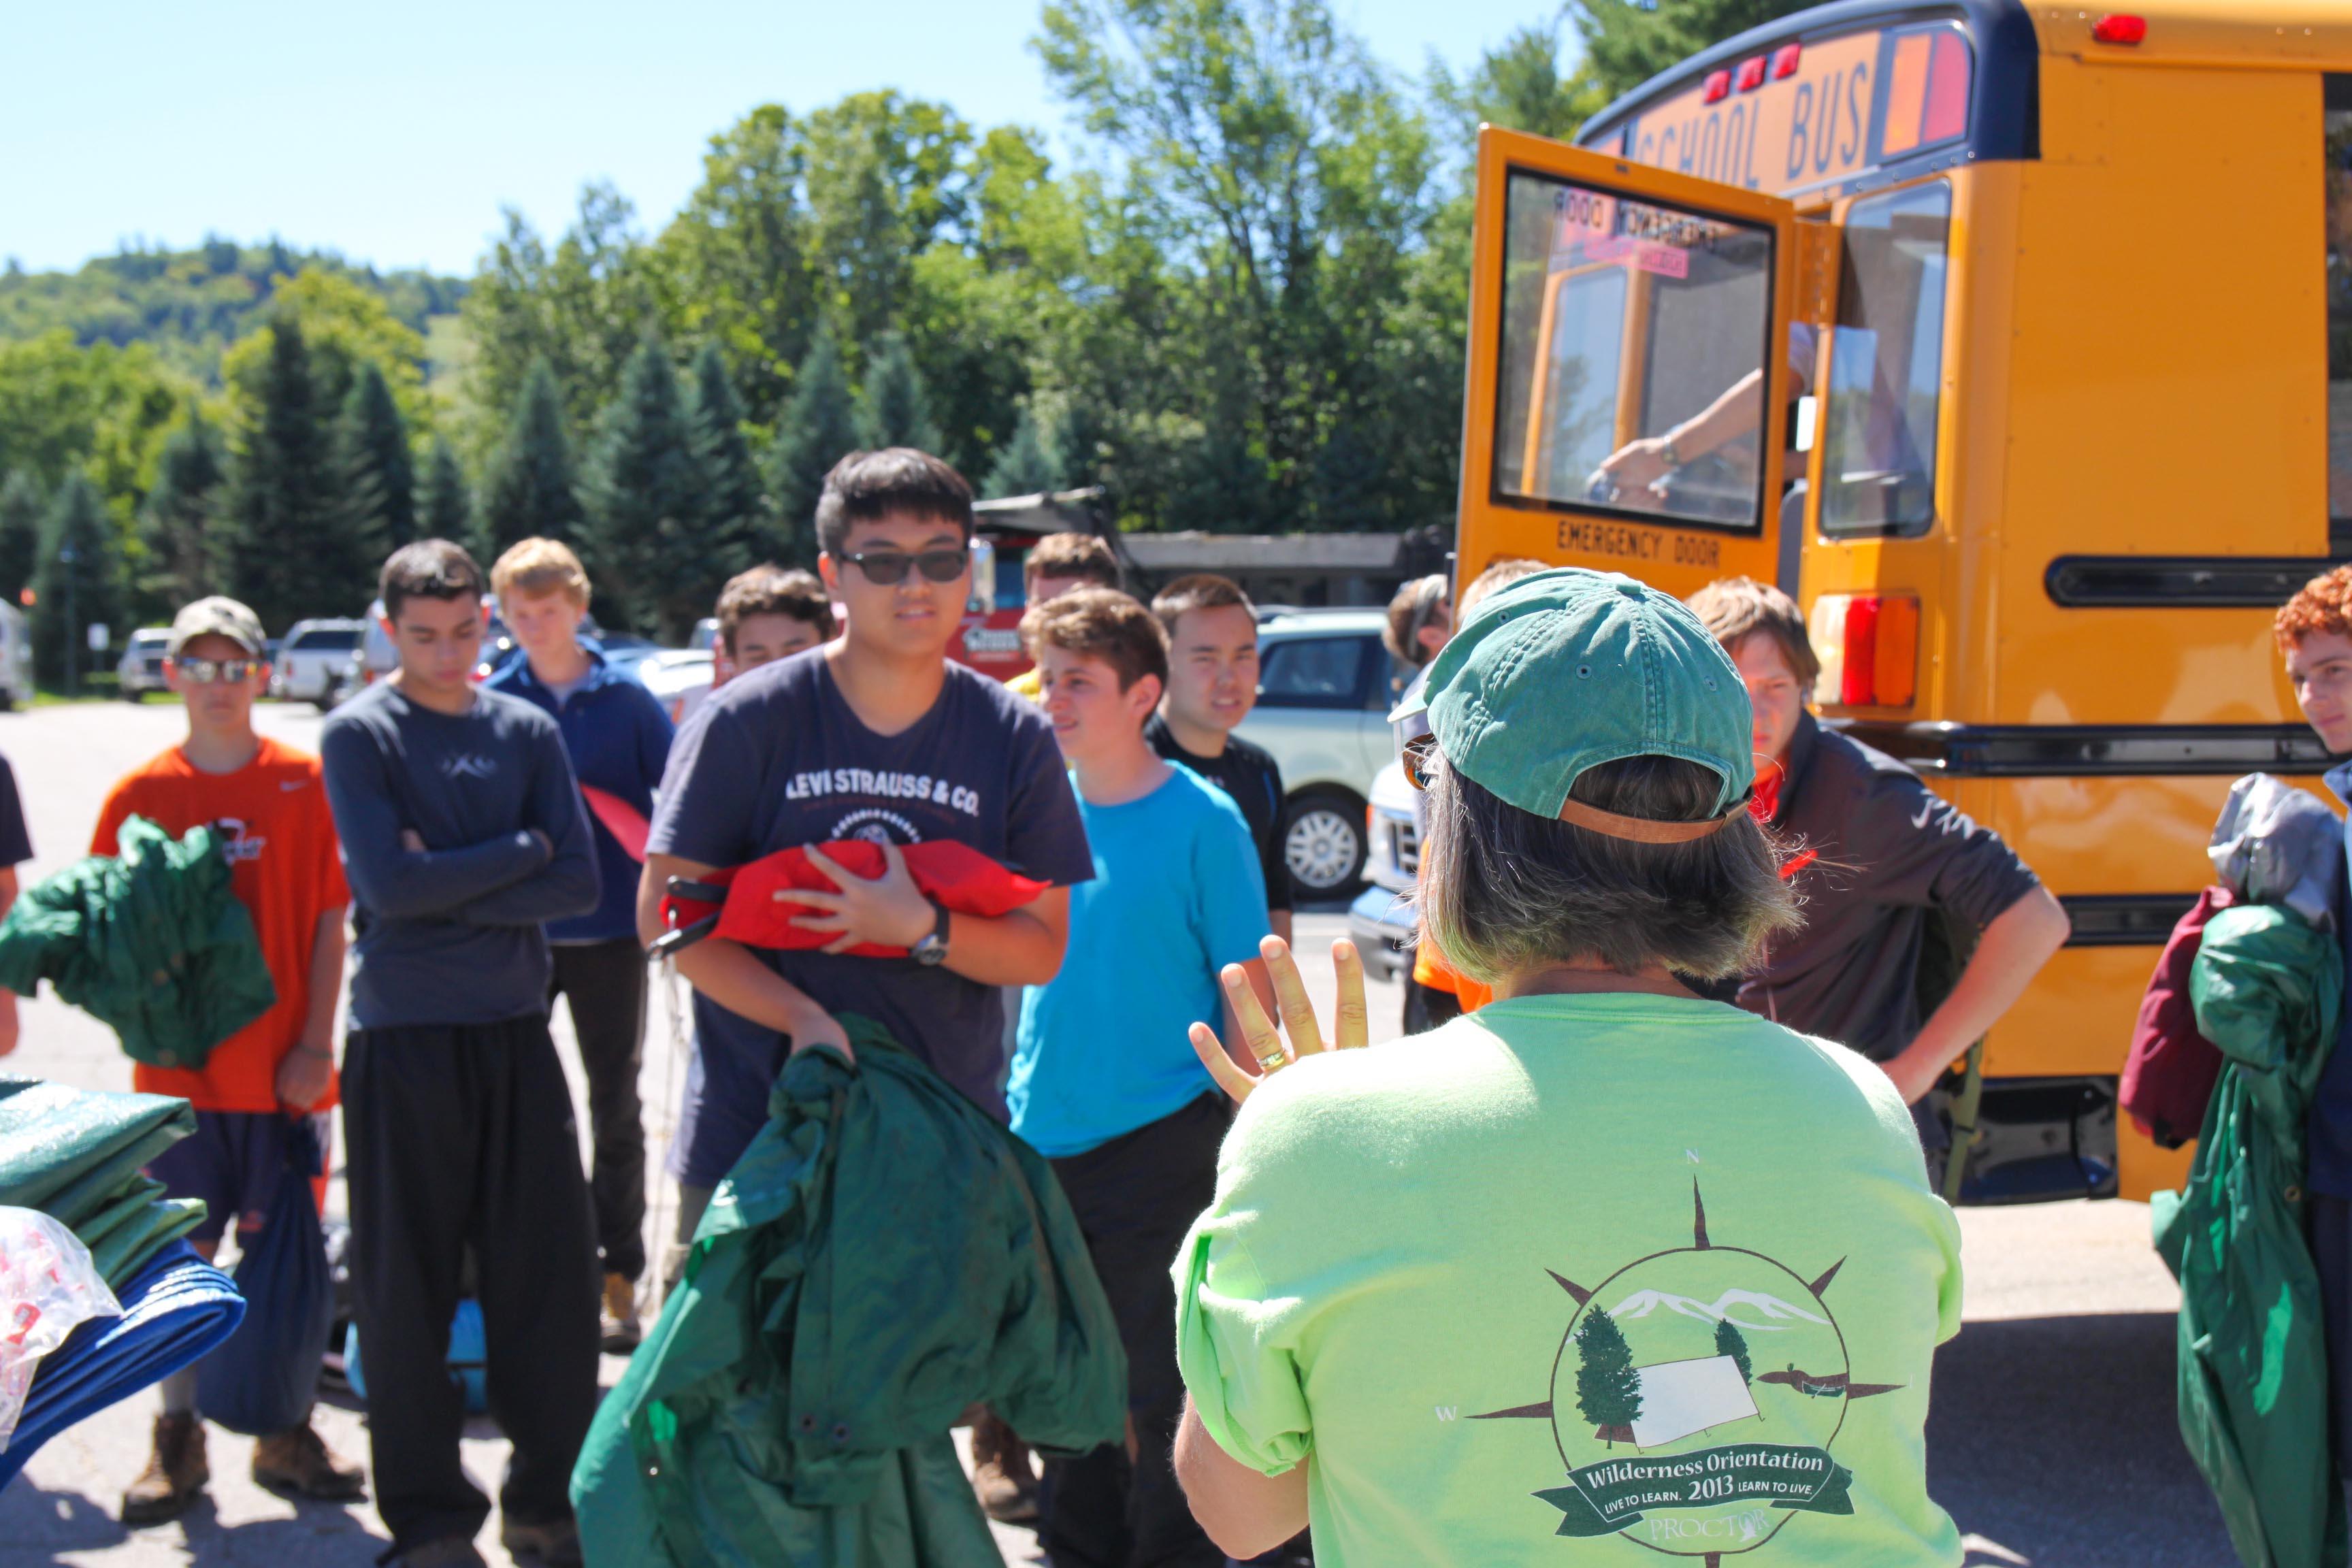 Proctor Academy Wilderness Orientation Returns